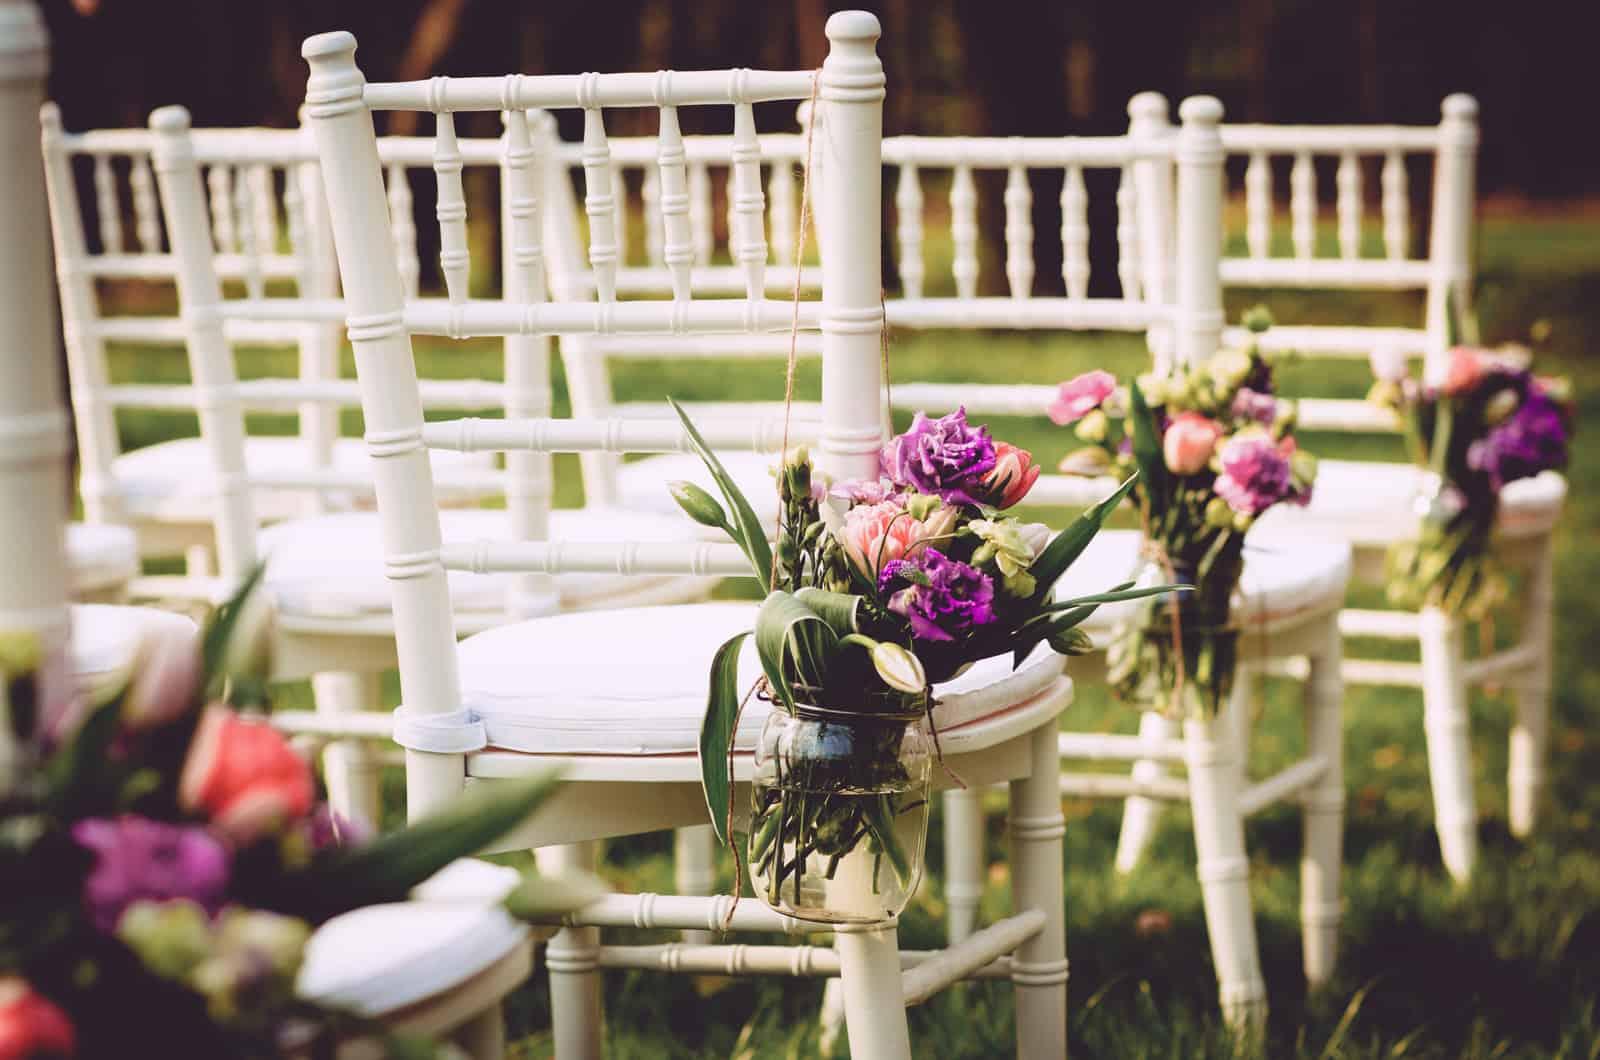 Stuhldeko bei der Hochzeit